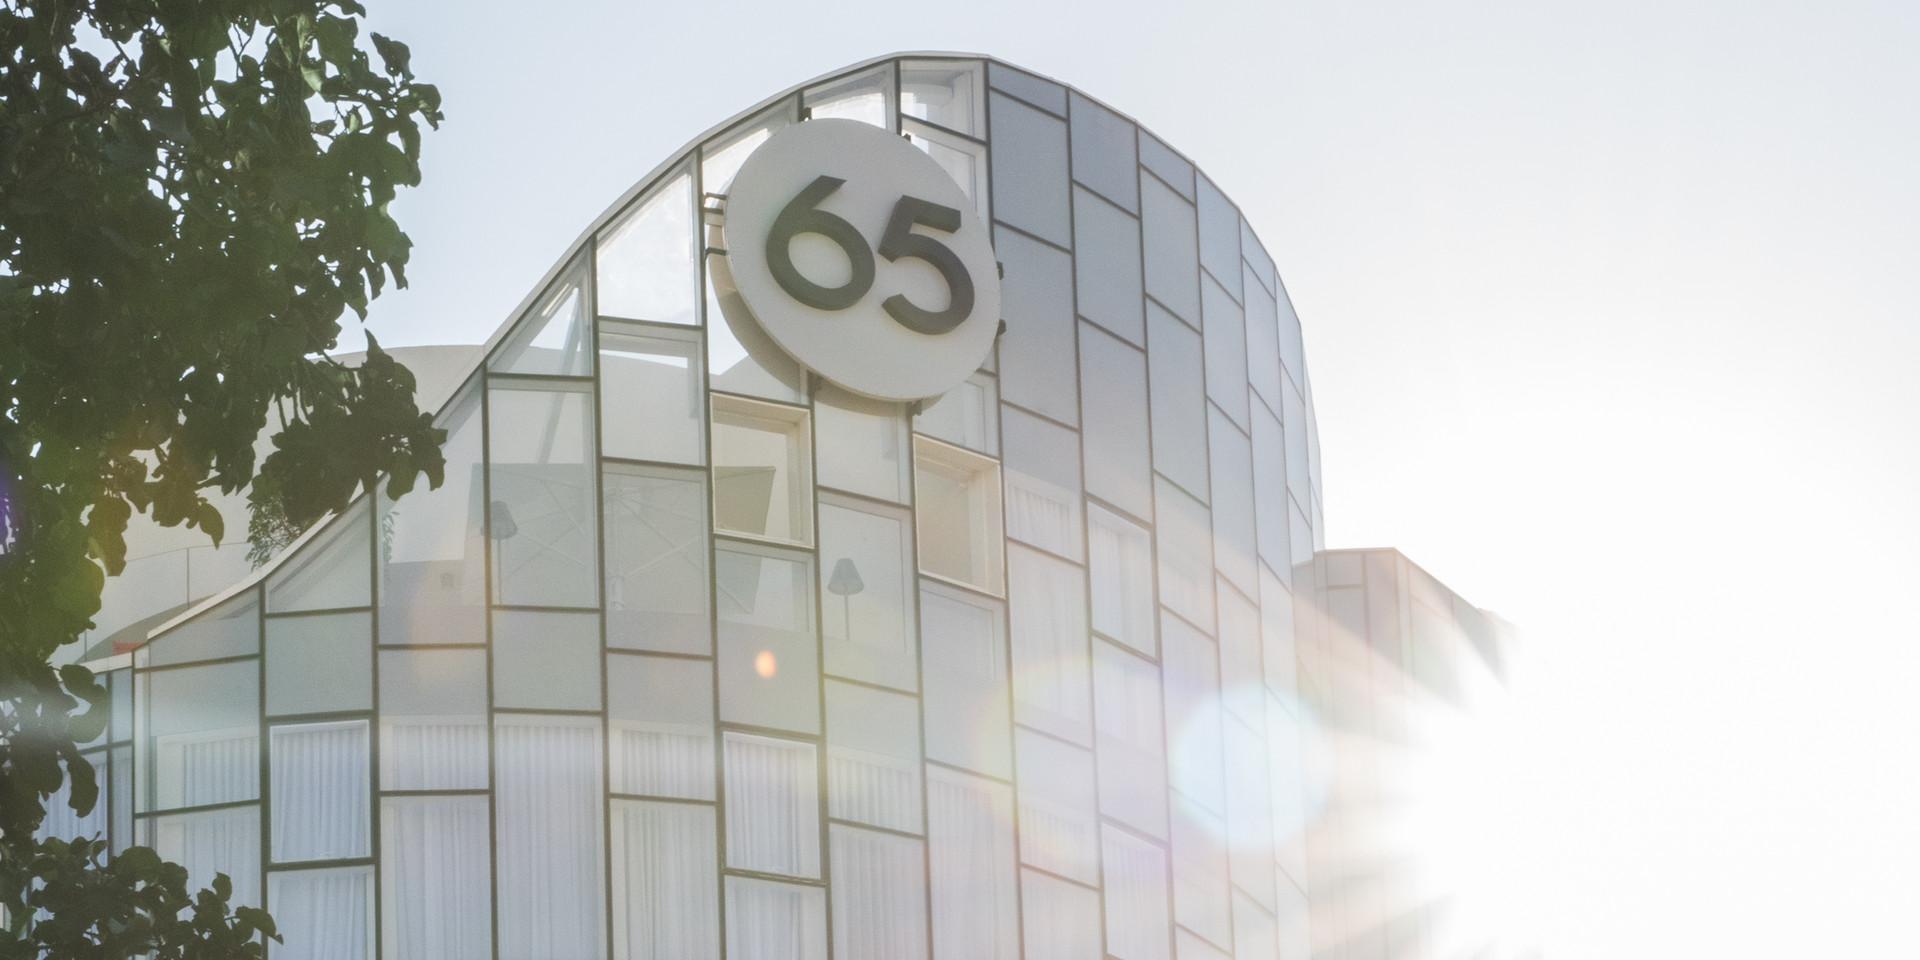 מלון 65 - רוטשילד 65 תל אביב